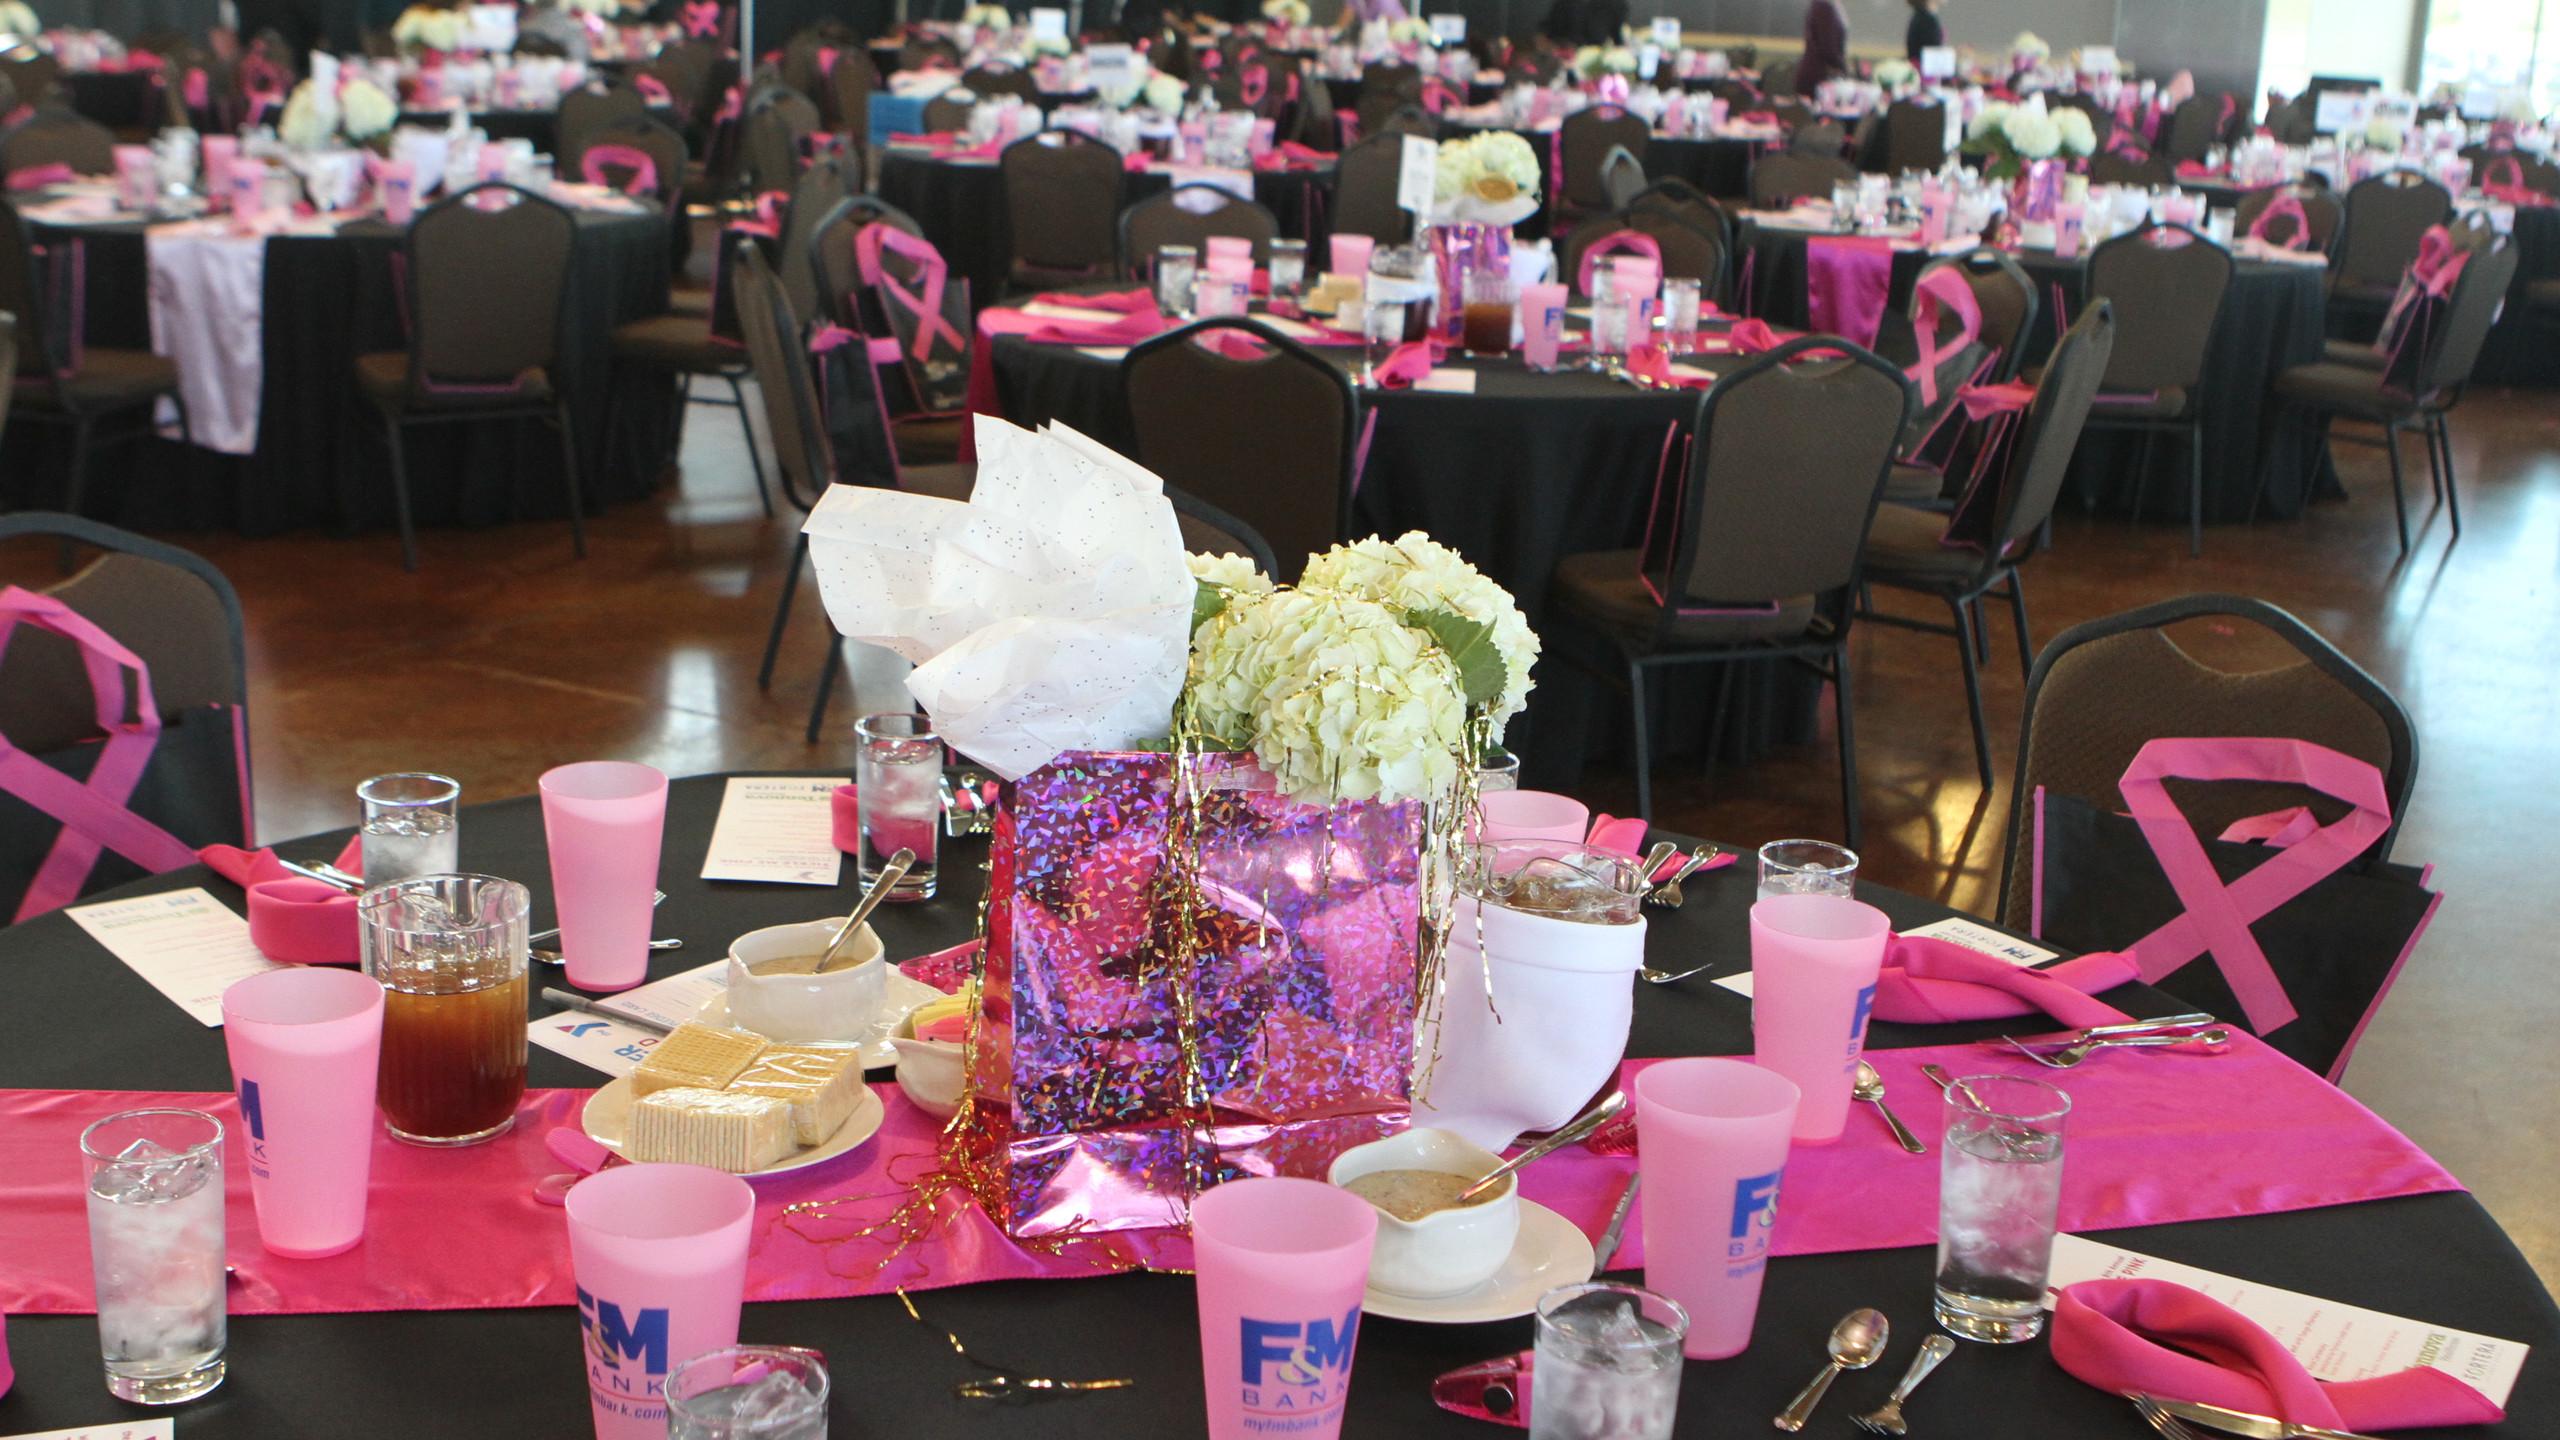 YMCA's After Breast Cancer Program hoste